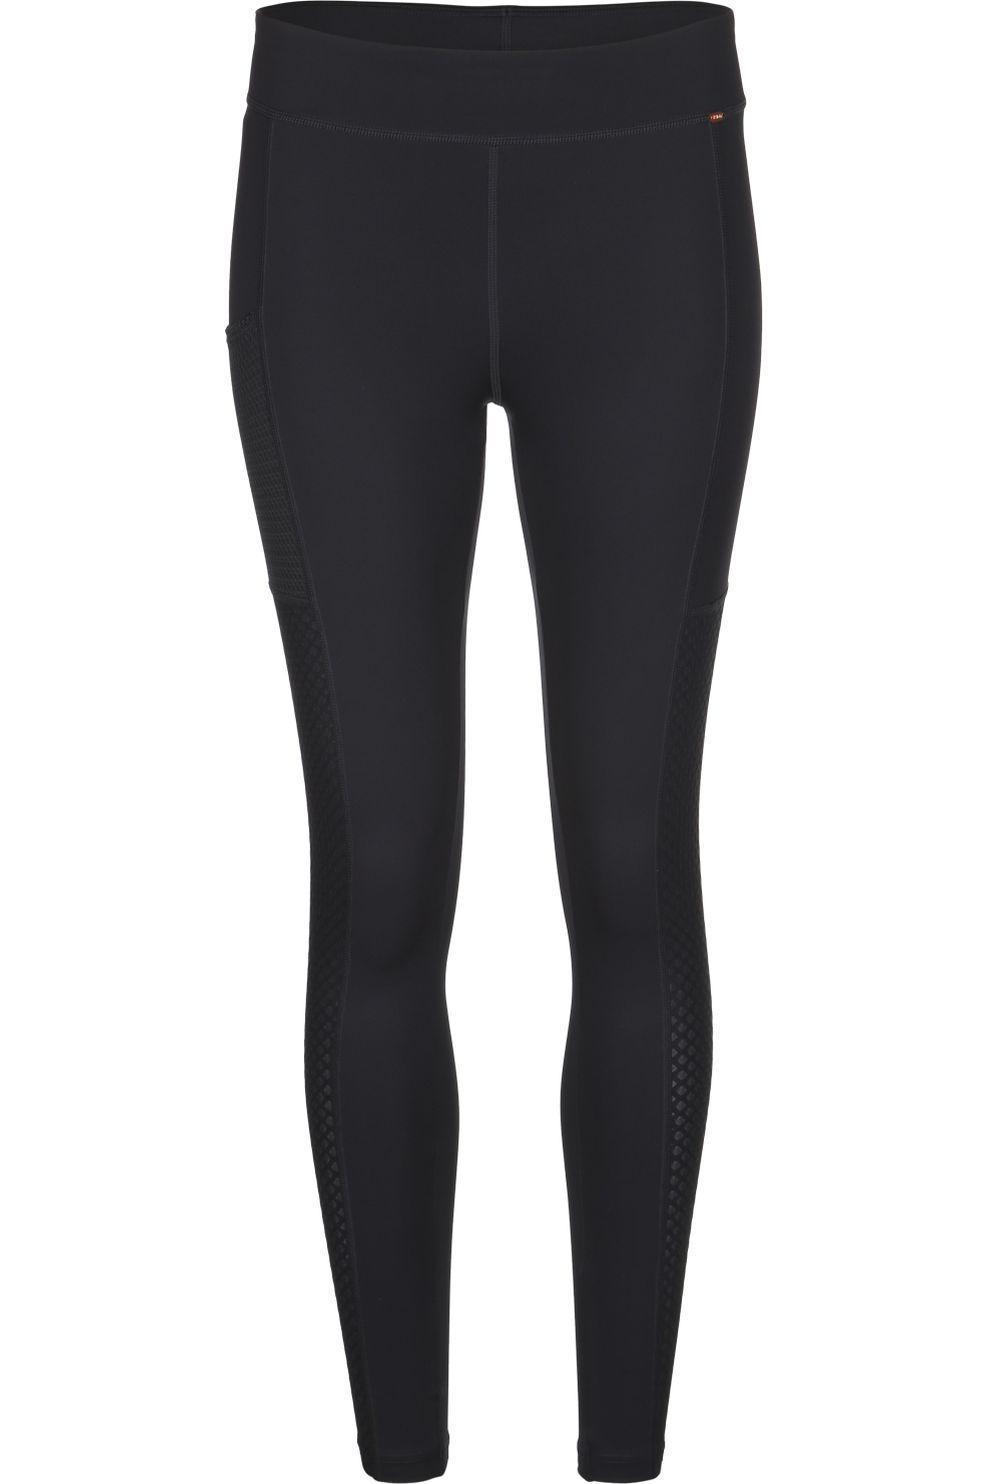 Skiny Legging Legging Long voor dames - Blauw - Maten: 36, 38, 40, 42 - Nieuwe collectie